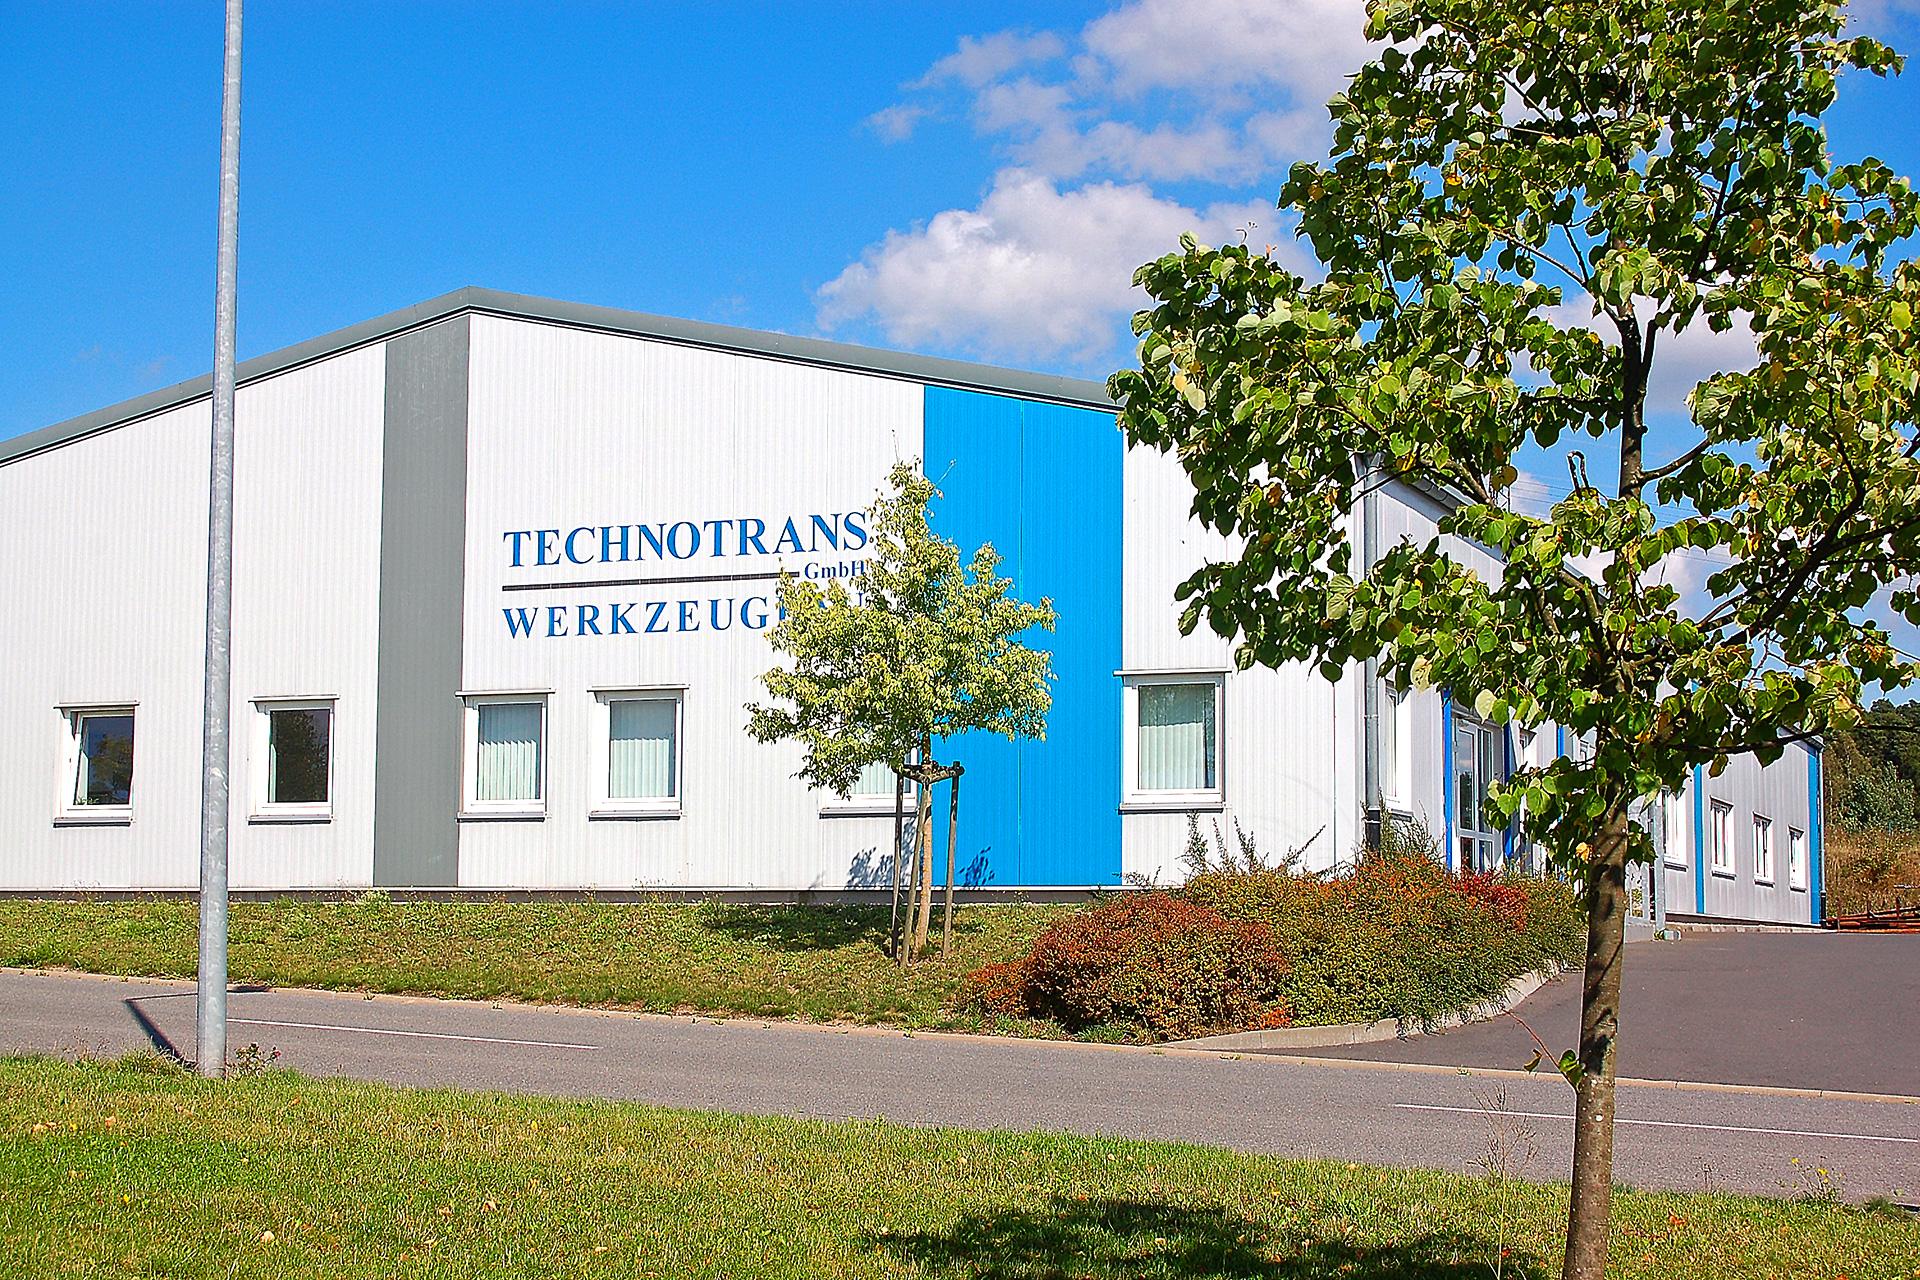 Technotrans GmbH Werkzeugbau, An der Galgenspitze 5, 98646 Hildburghausen